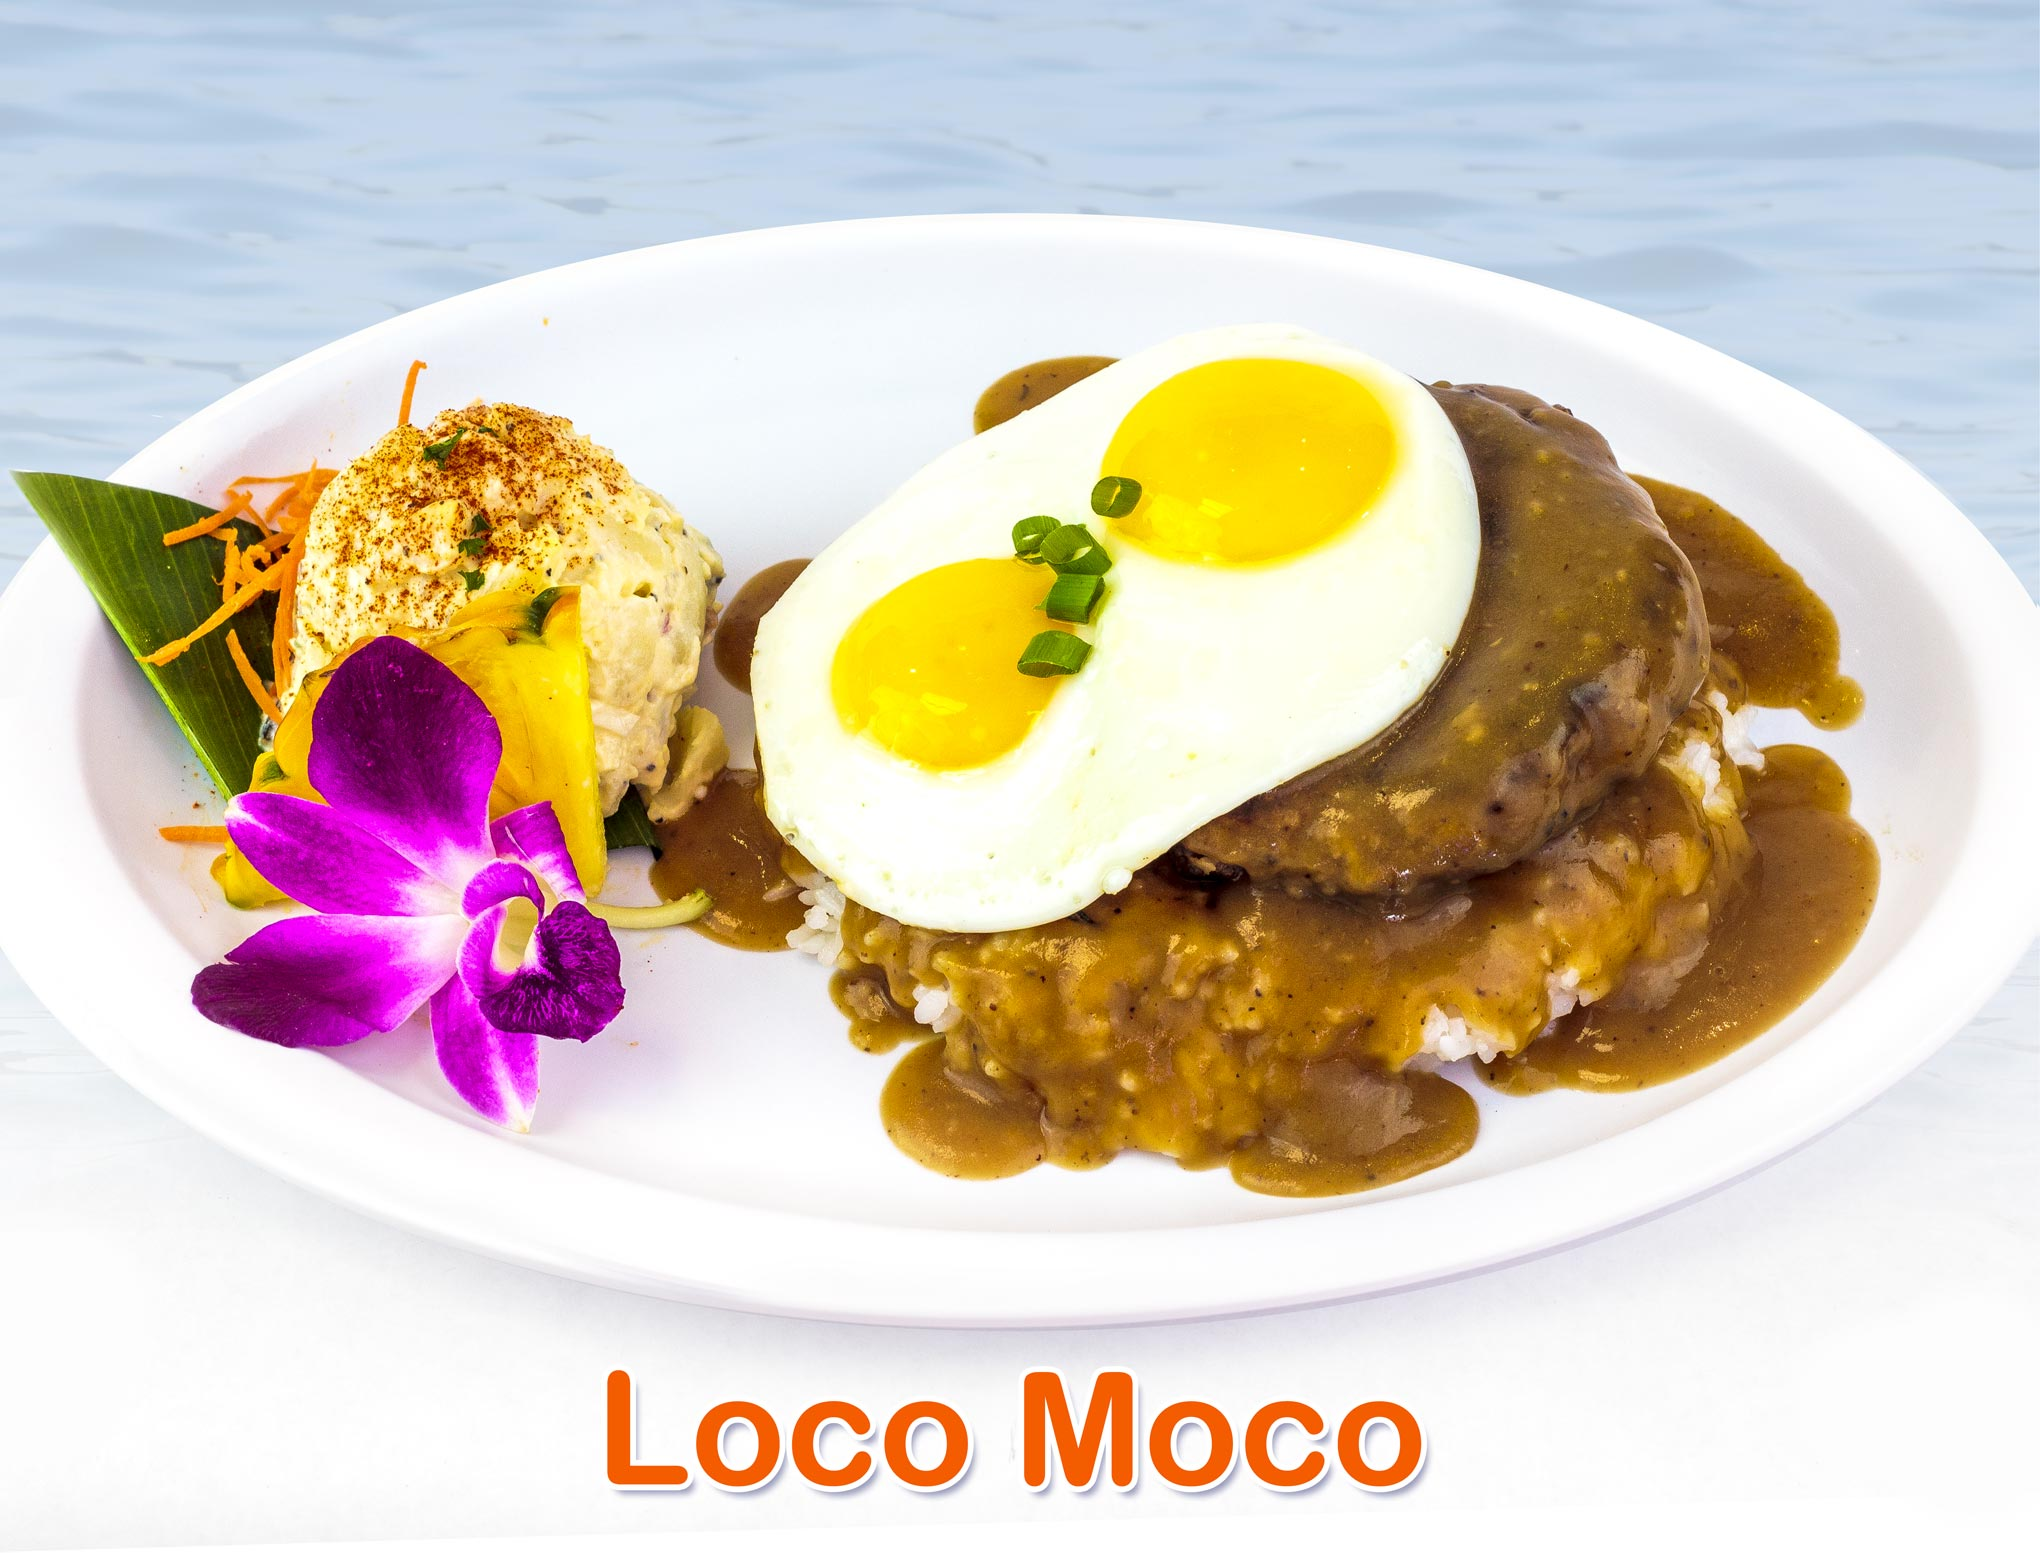 Loco Moco